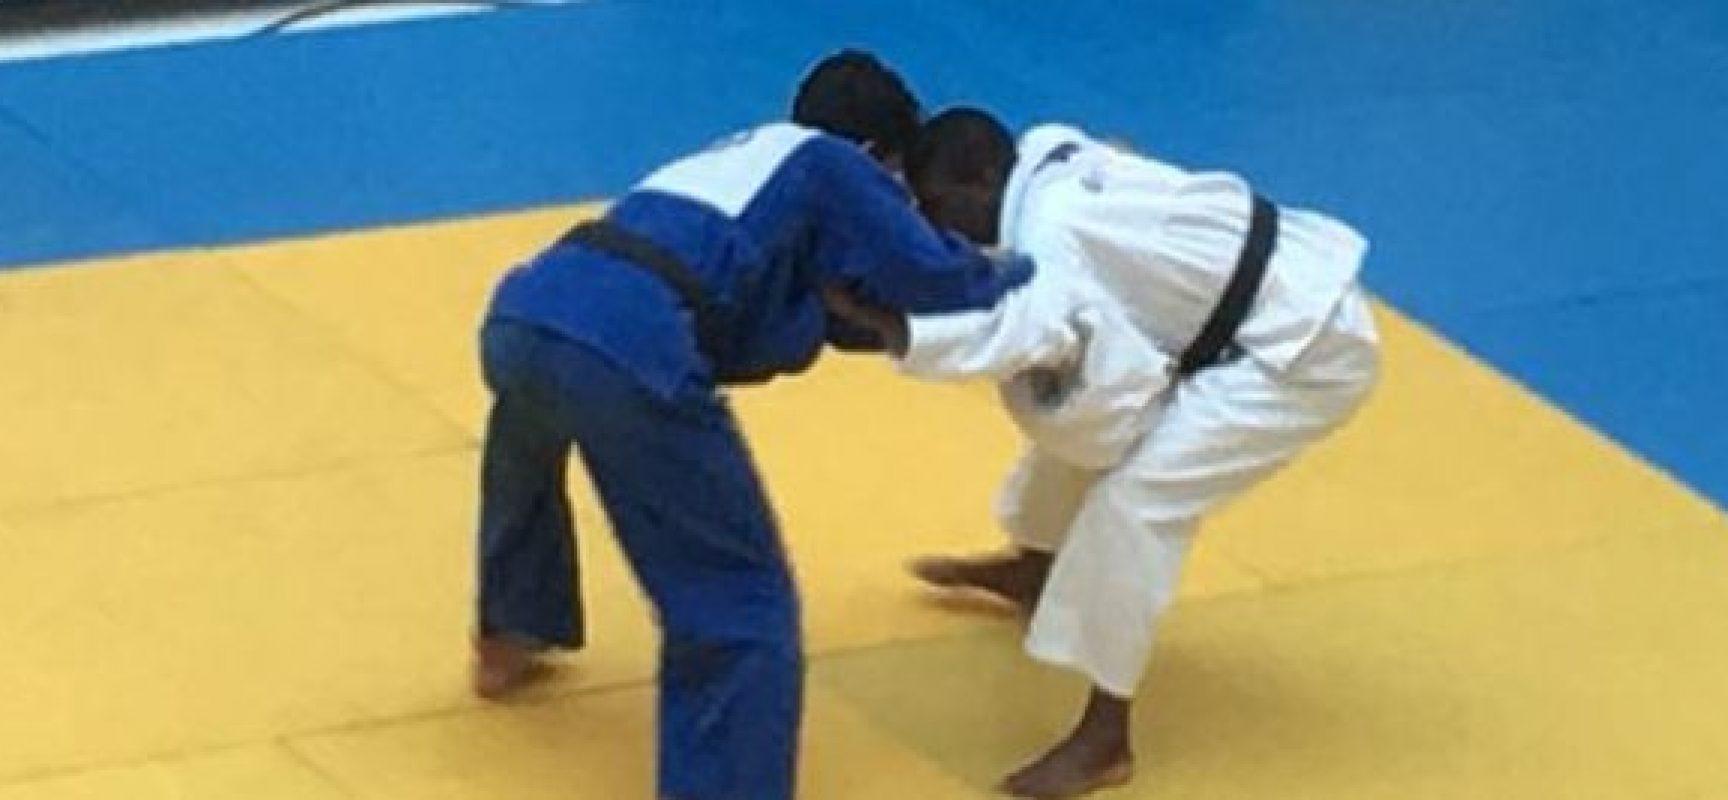 Judoca de Ilhéus traz título e mantém liderança do ranking Nacional Veteranos